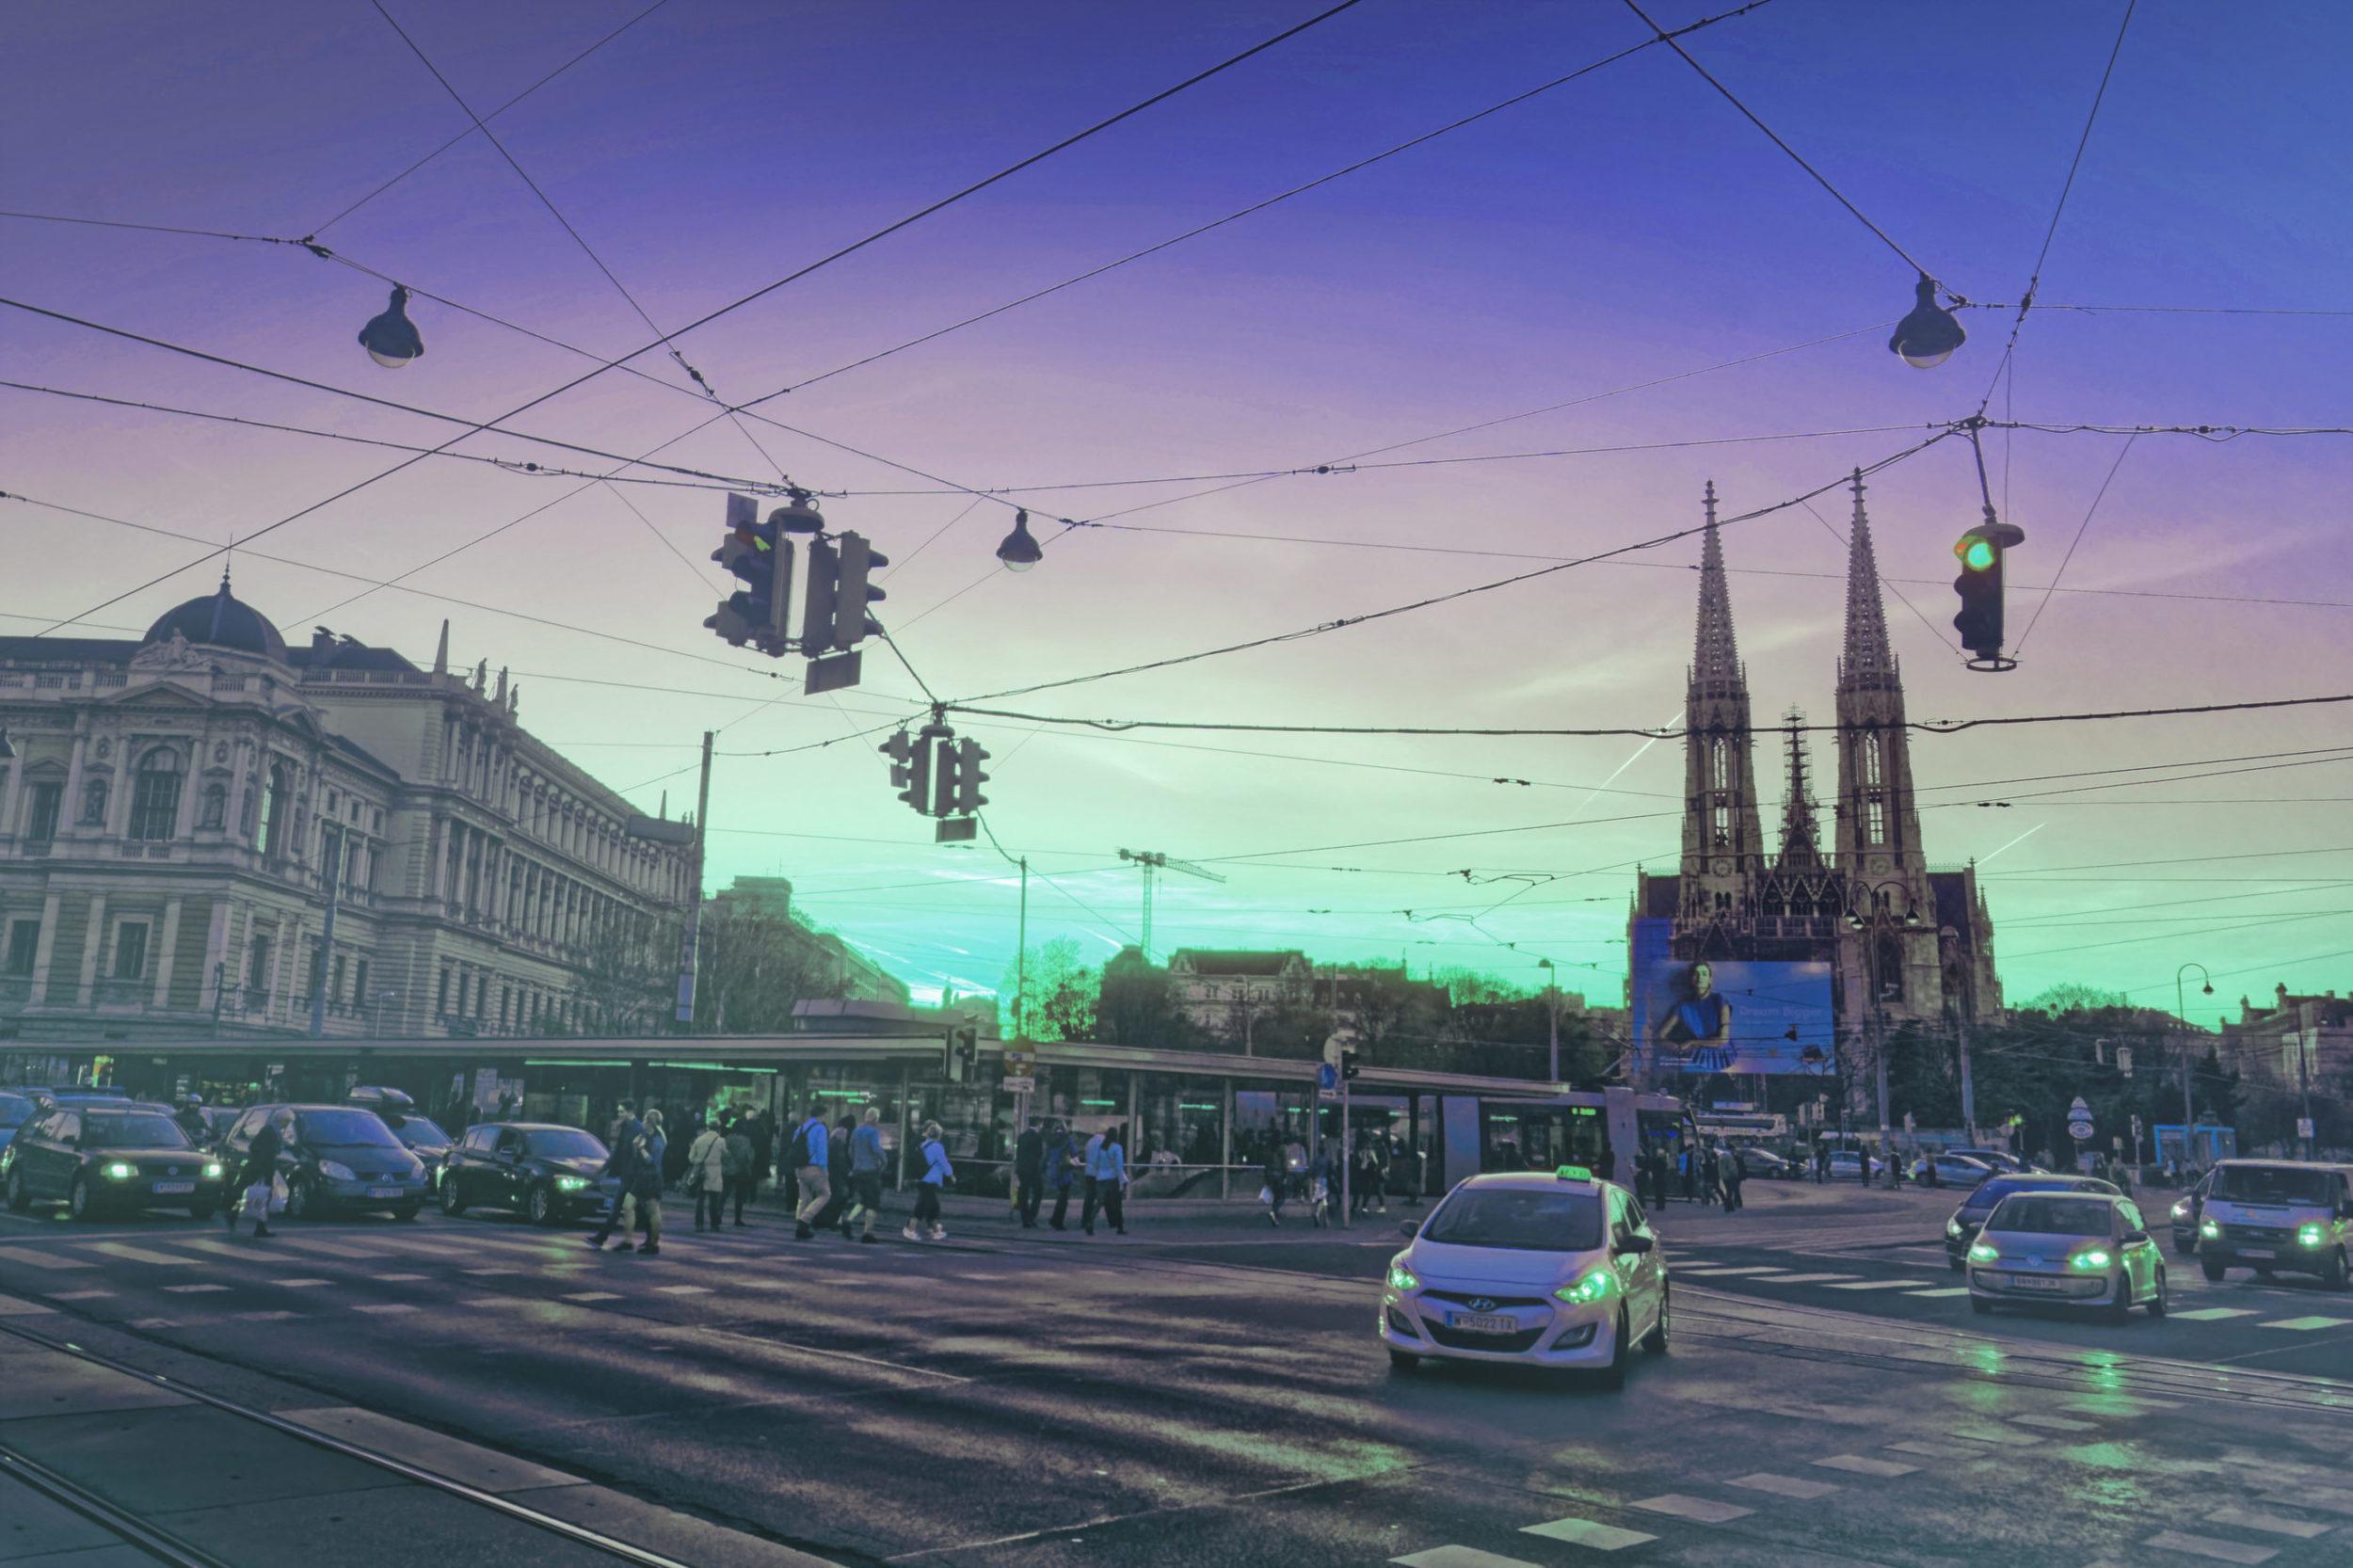 Kreuzung_02_Wien